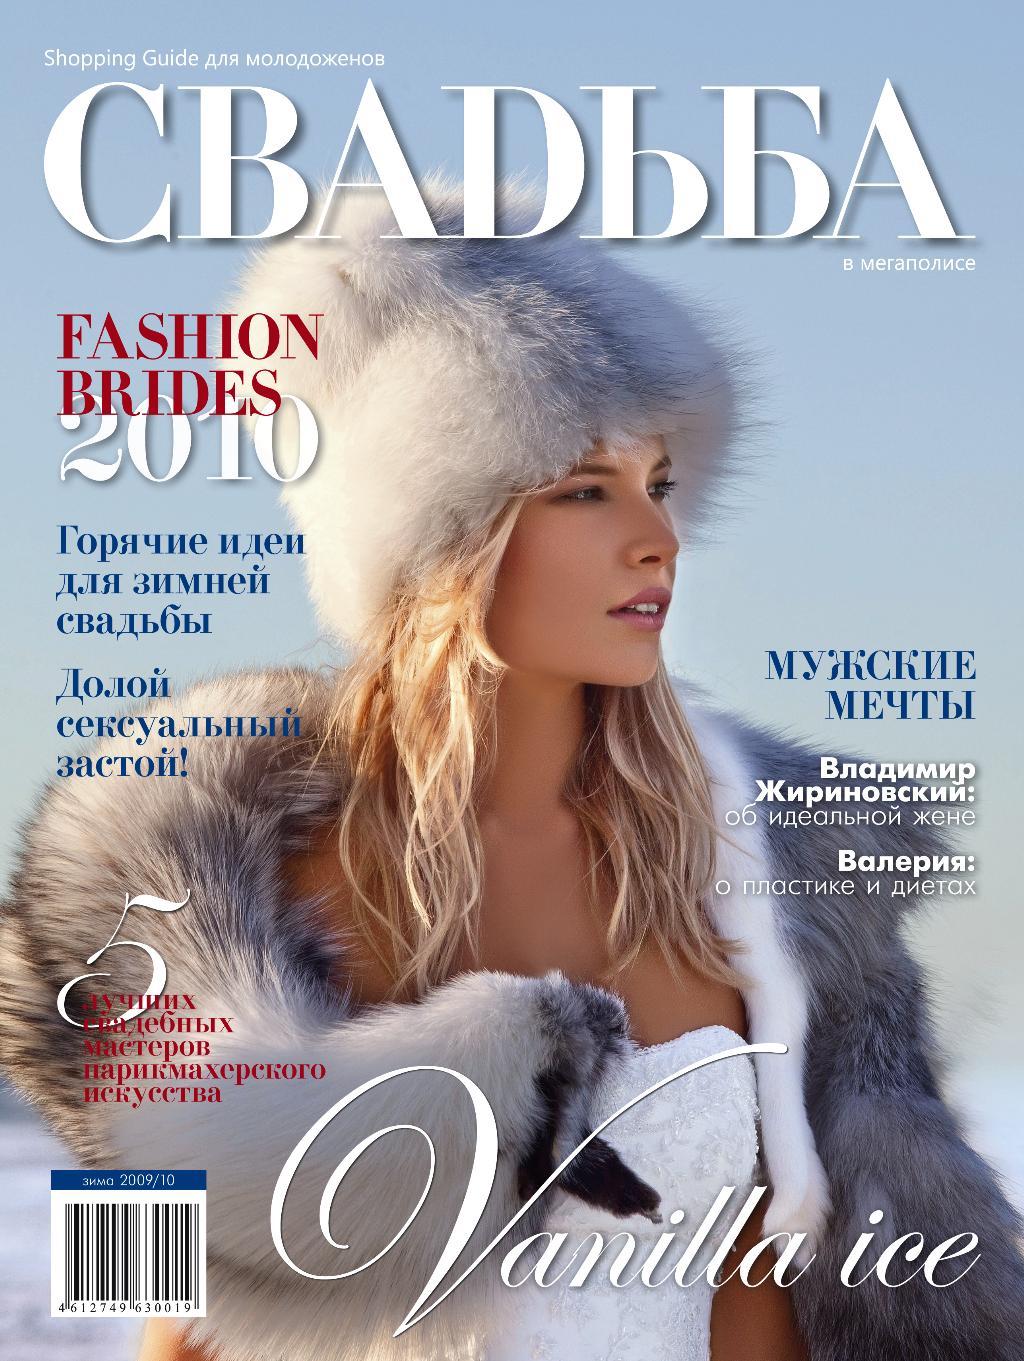 Журнал 'СВАDЬБА в мегаполисе'. Конкурс на лучшую новогоднюю обложку — 2010